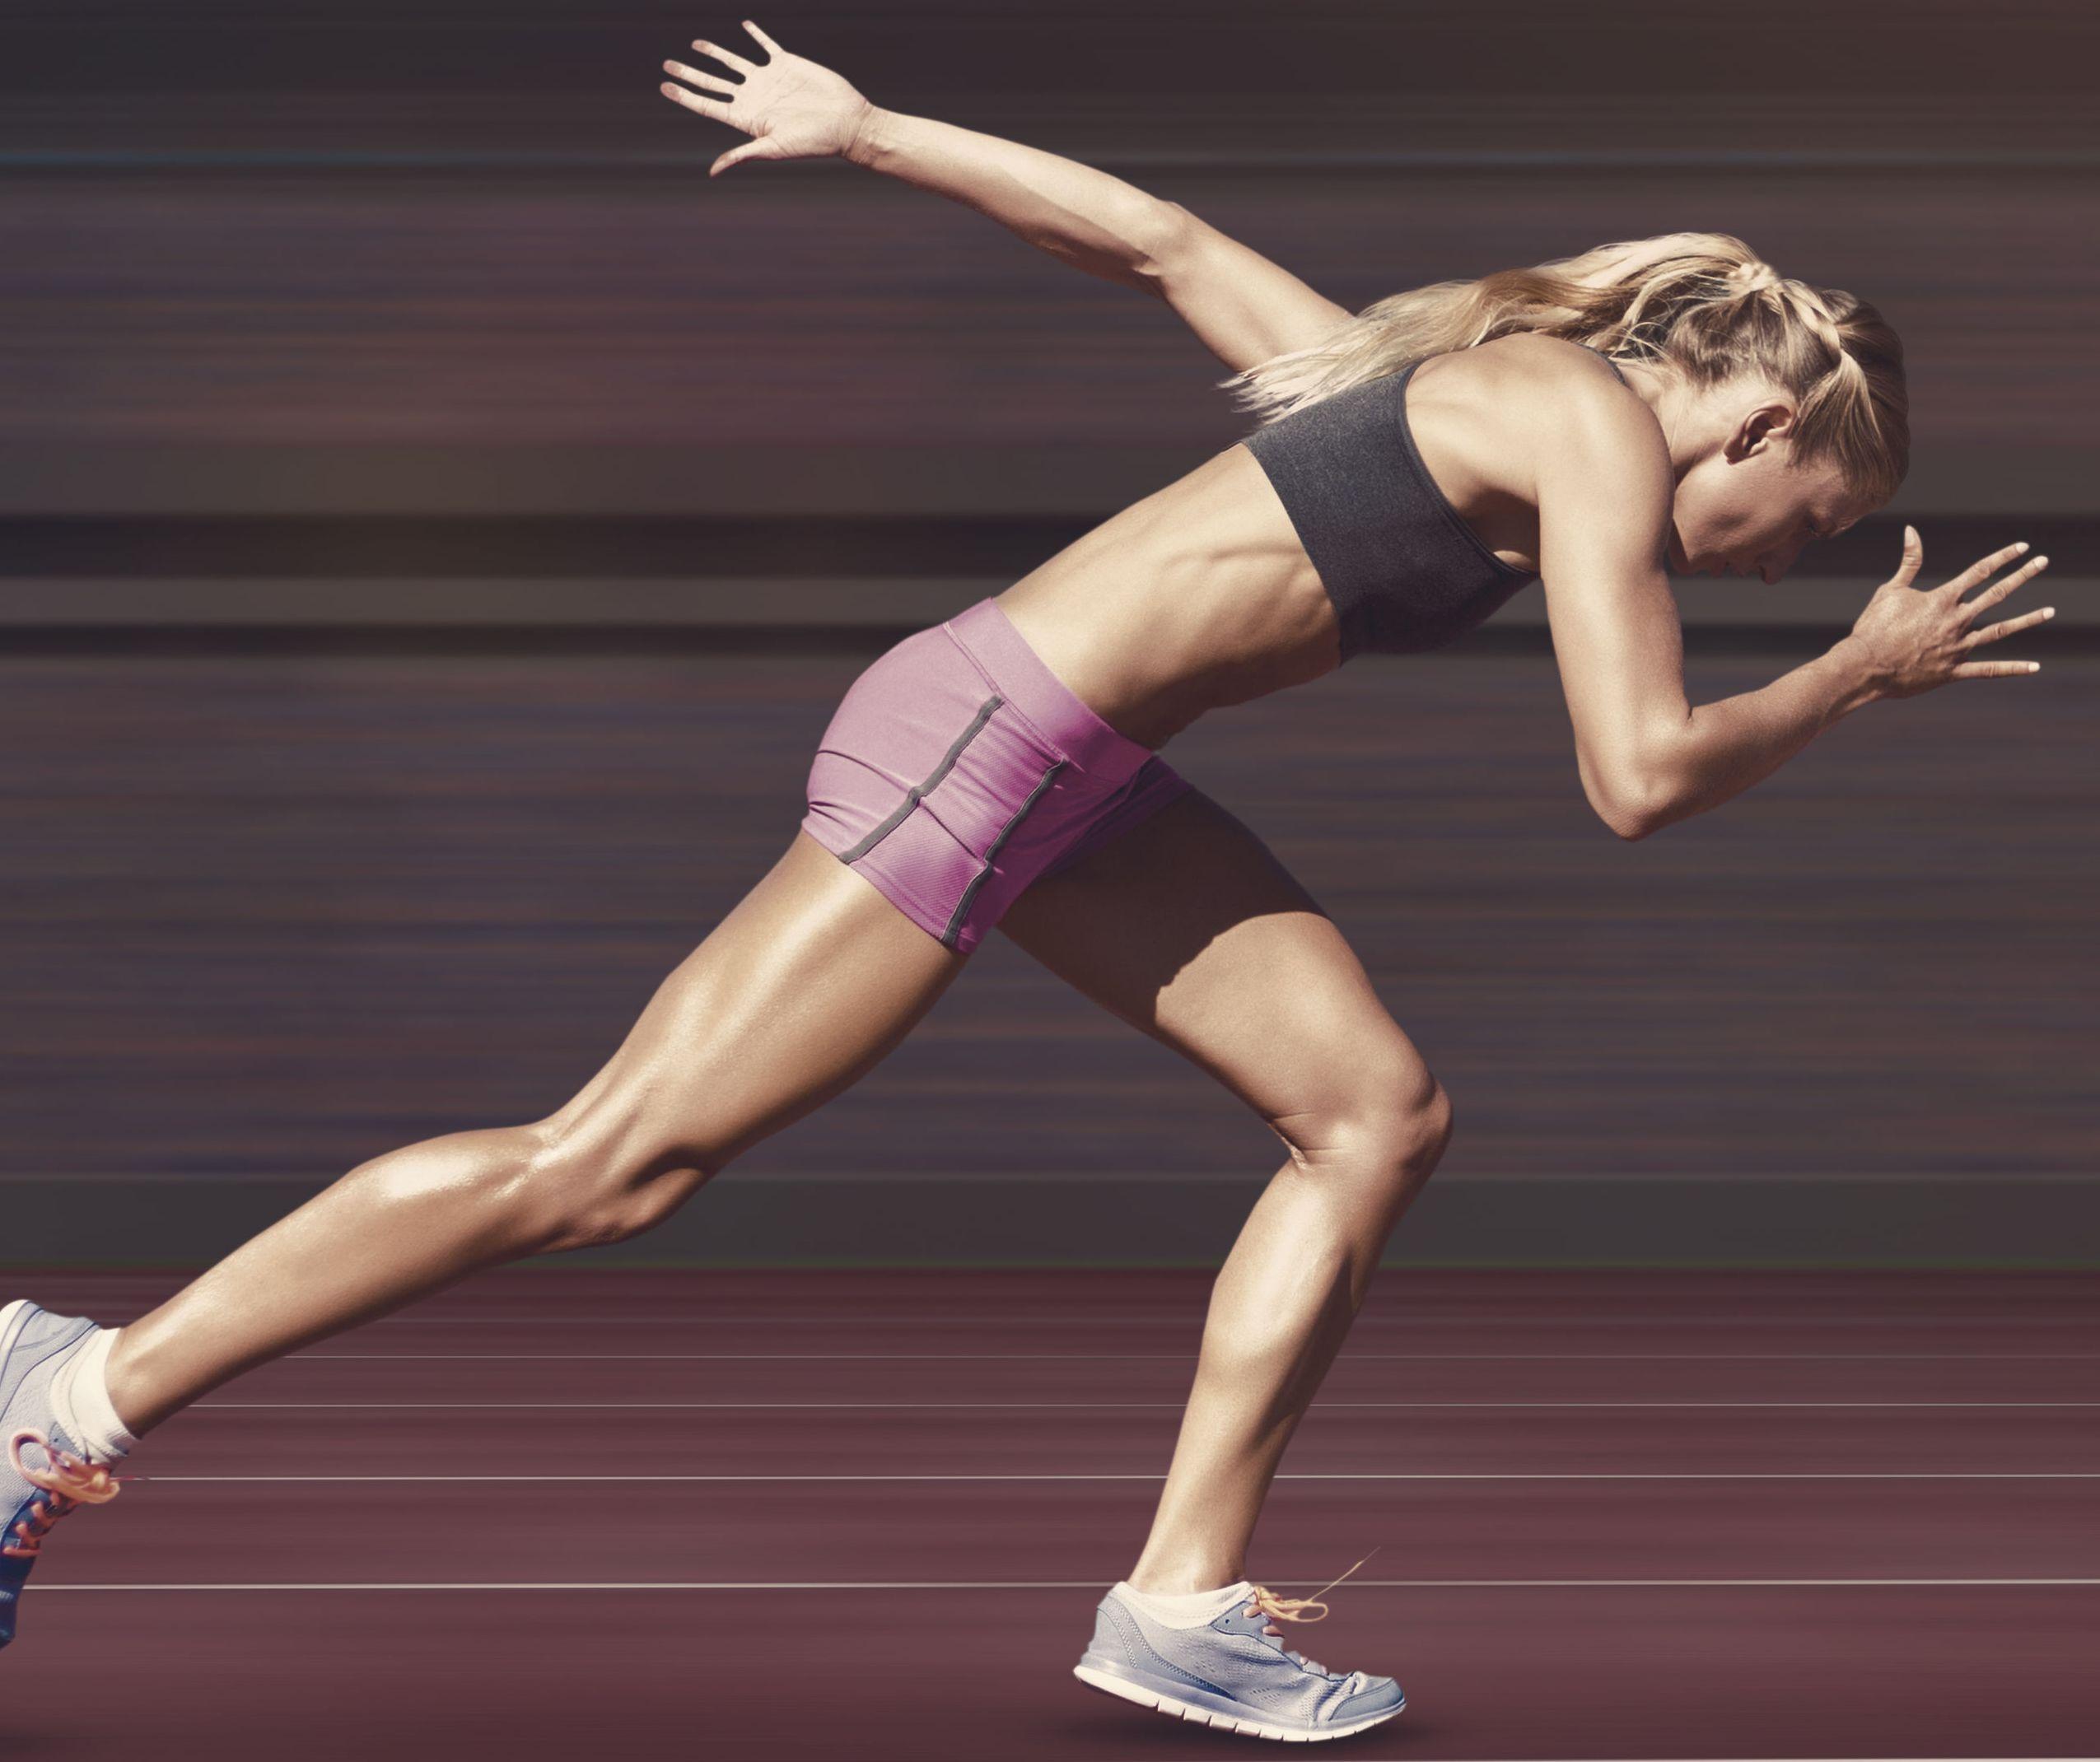 allenare-la-forza_eroica15-18_body-evidence_vittorio-veneto_18-marzo-2018_sprint_muscle_leg